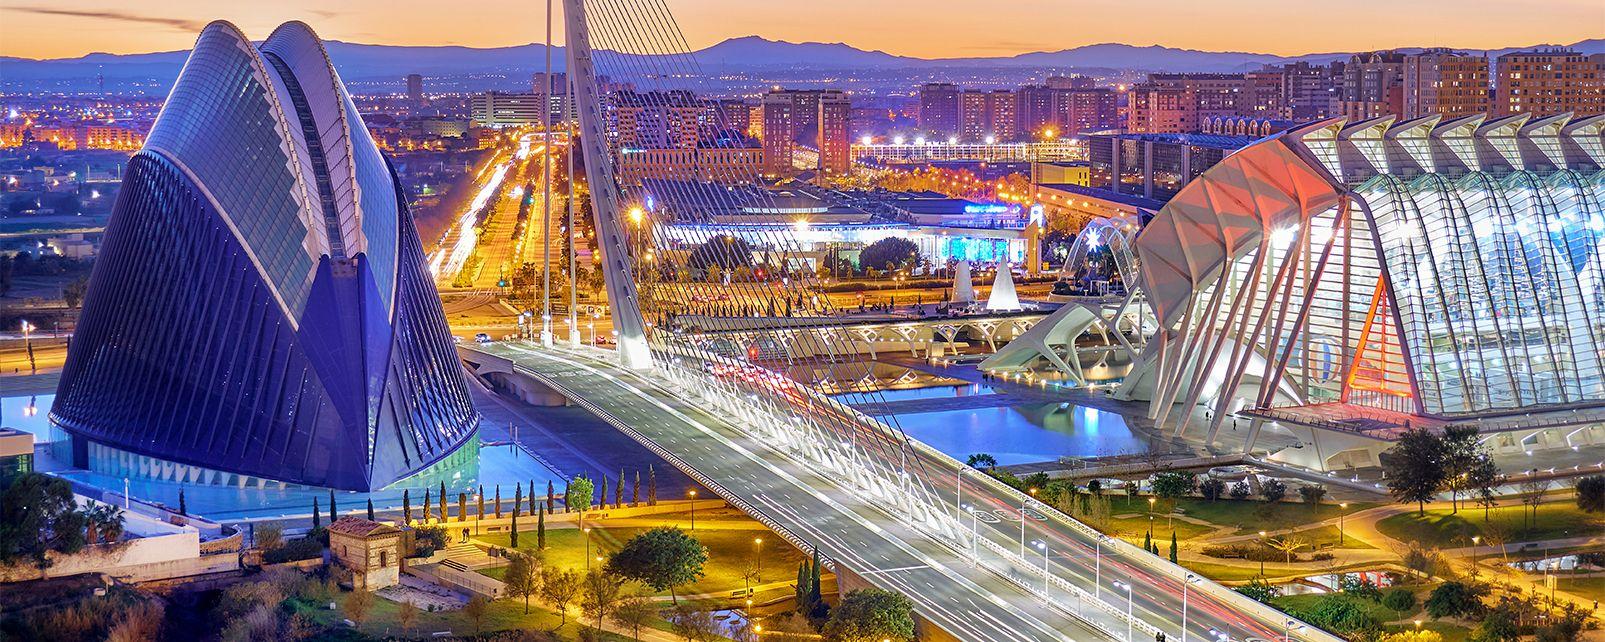 La Cité des Arts et des Sciences de Valence, Cité des Arts et des Sciences de Valence, Les arts et la culture, Communauté de Valence